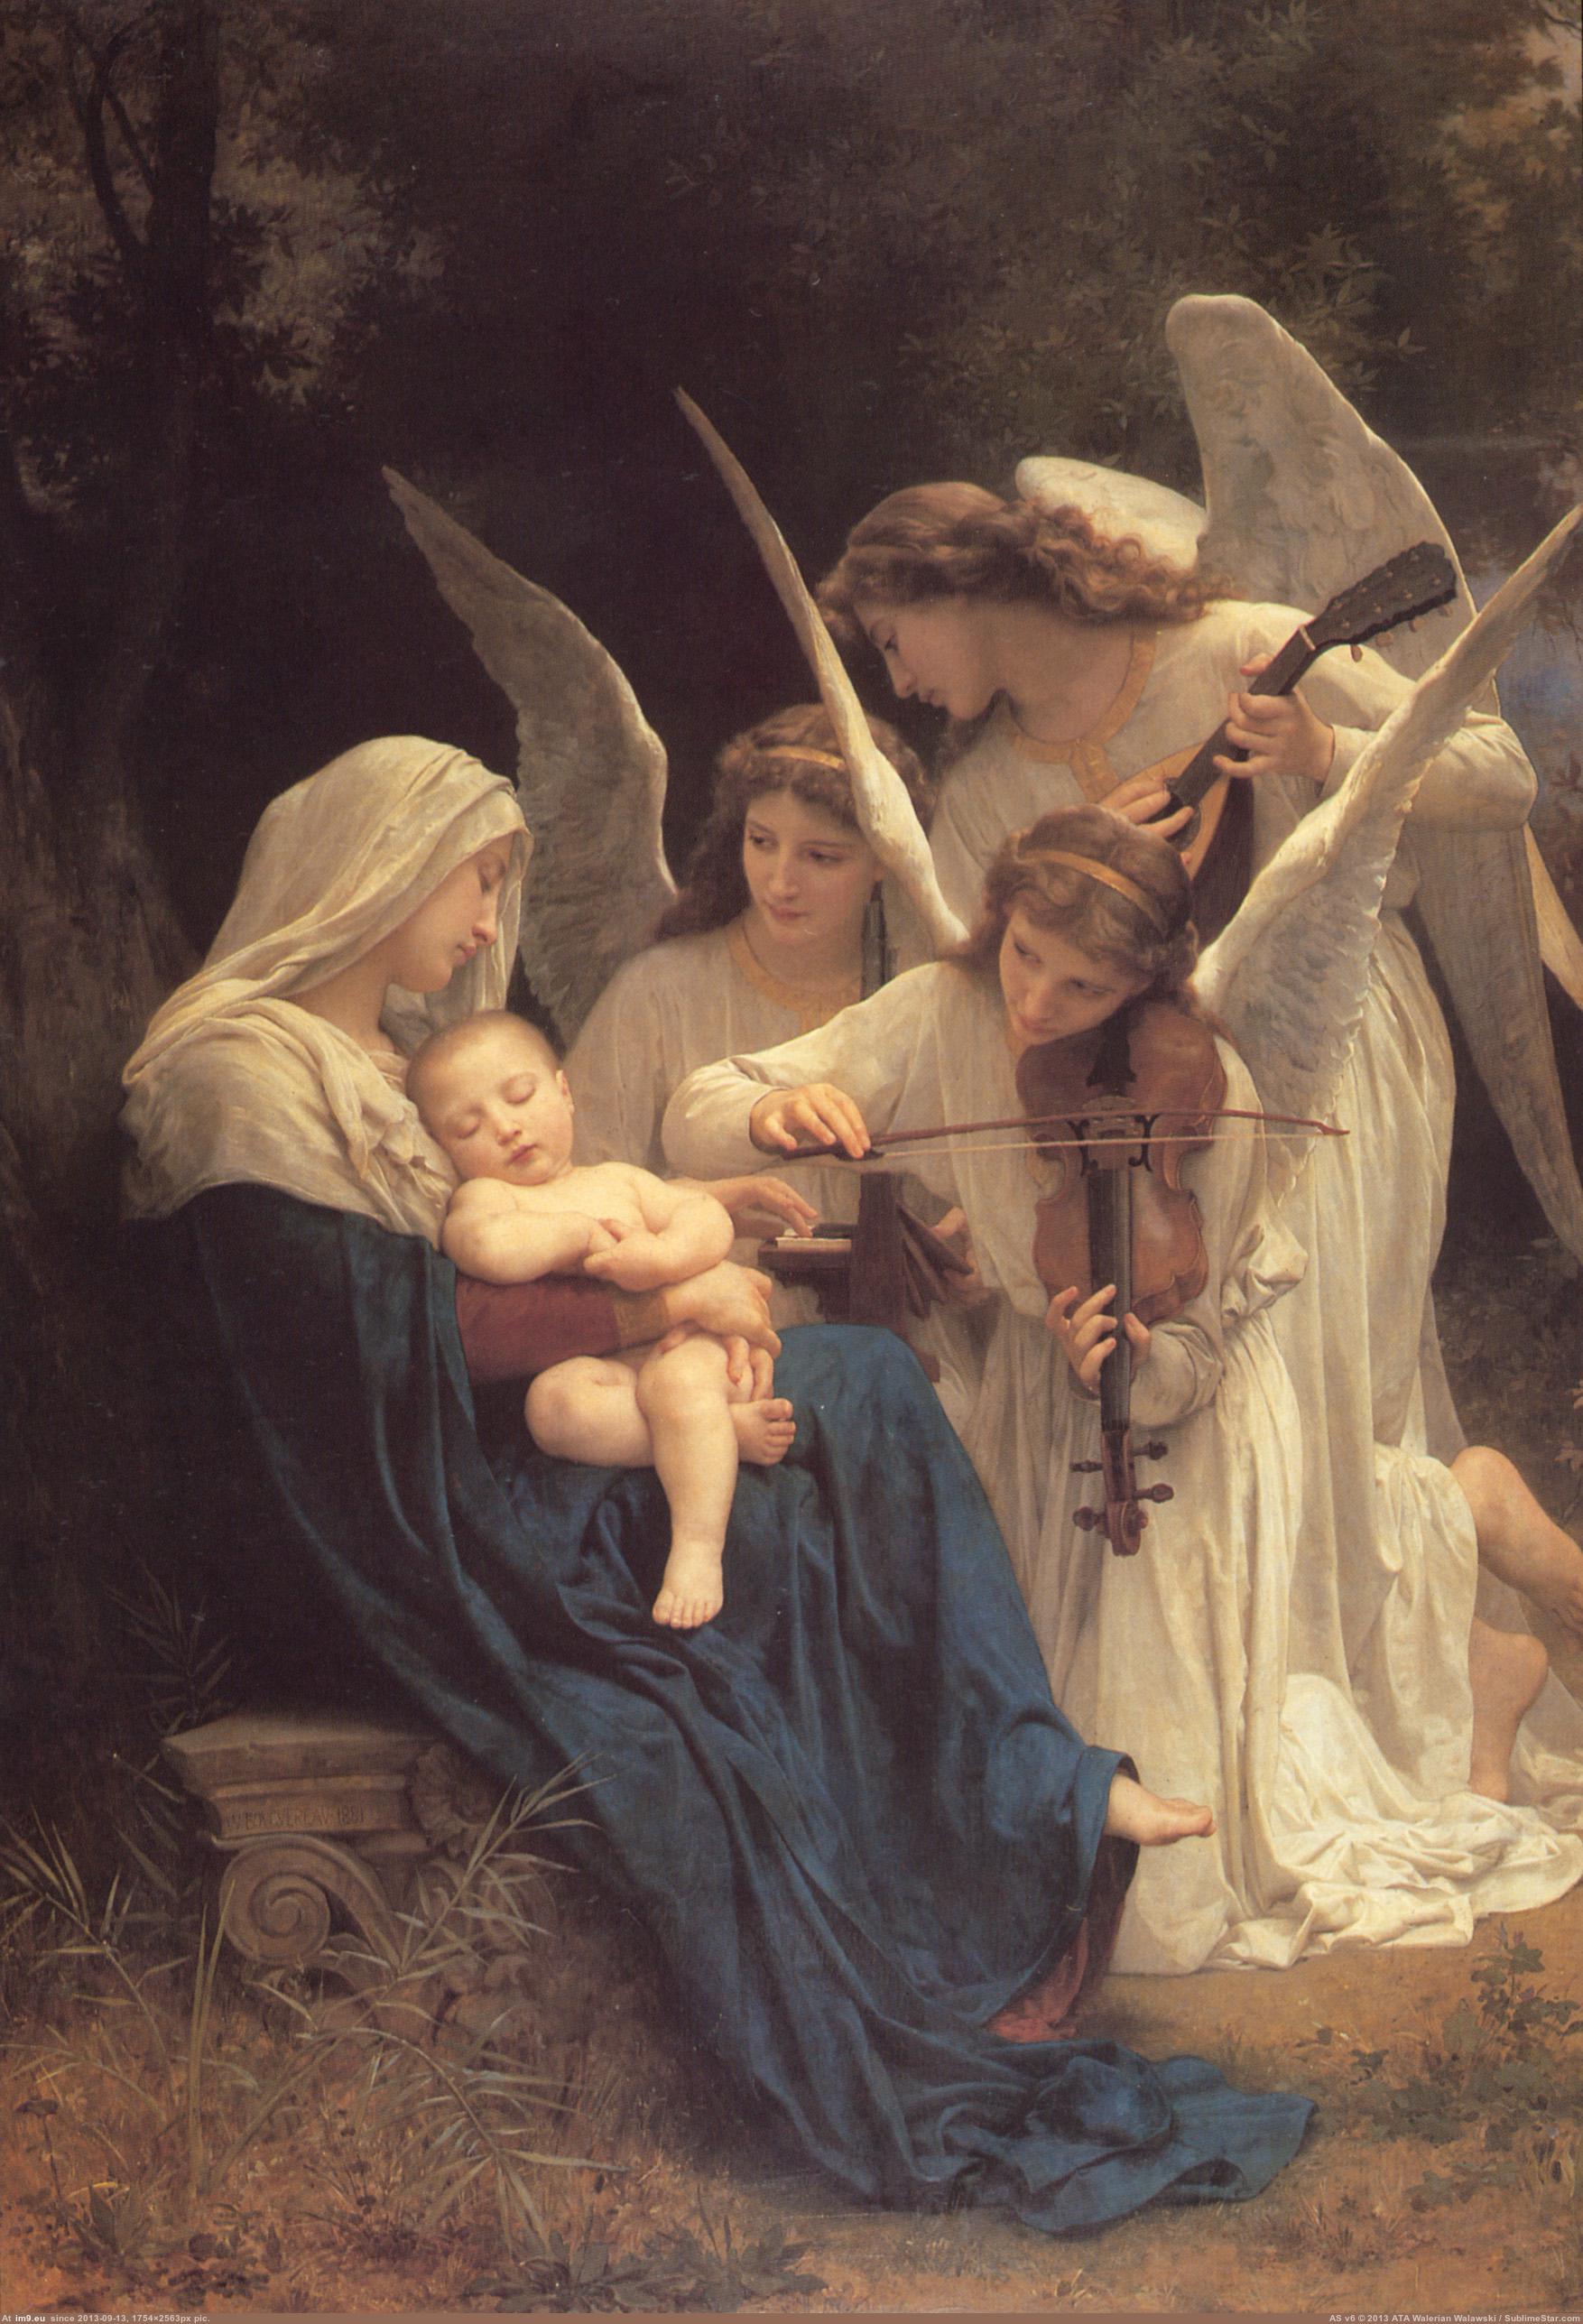 musicsacred-1881-la-vierge-aux-anges-william-adolphe-bouguereau